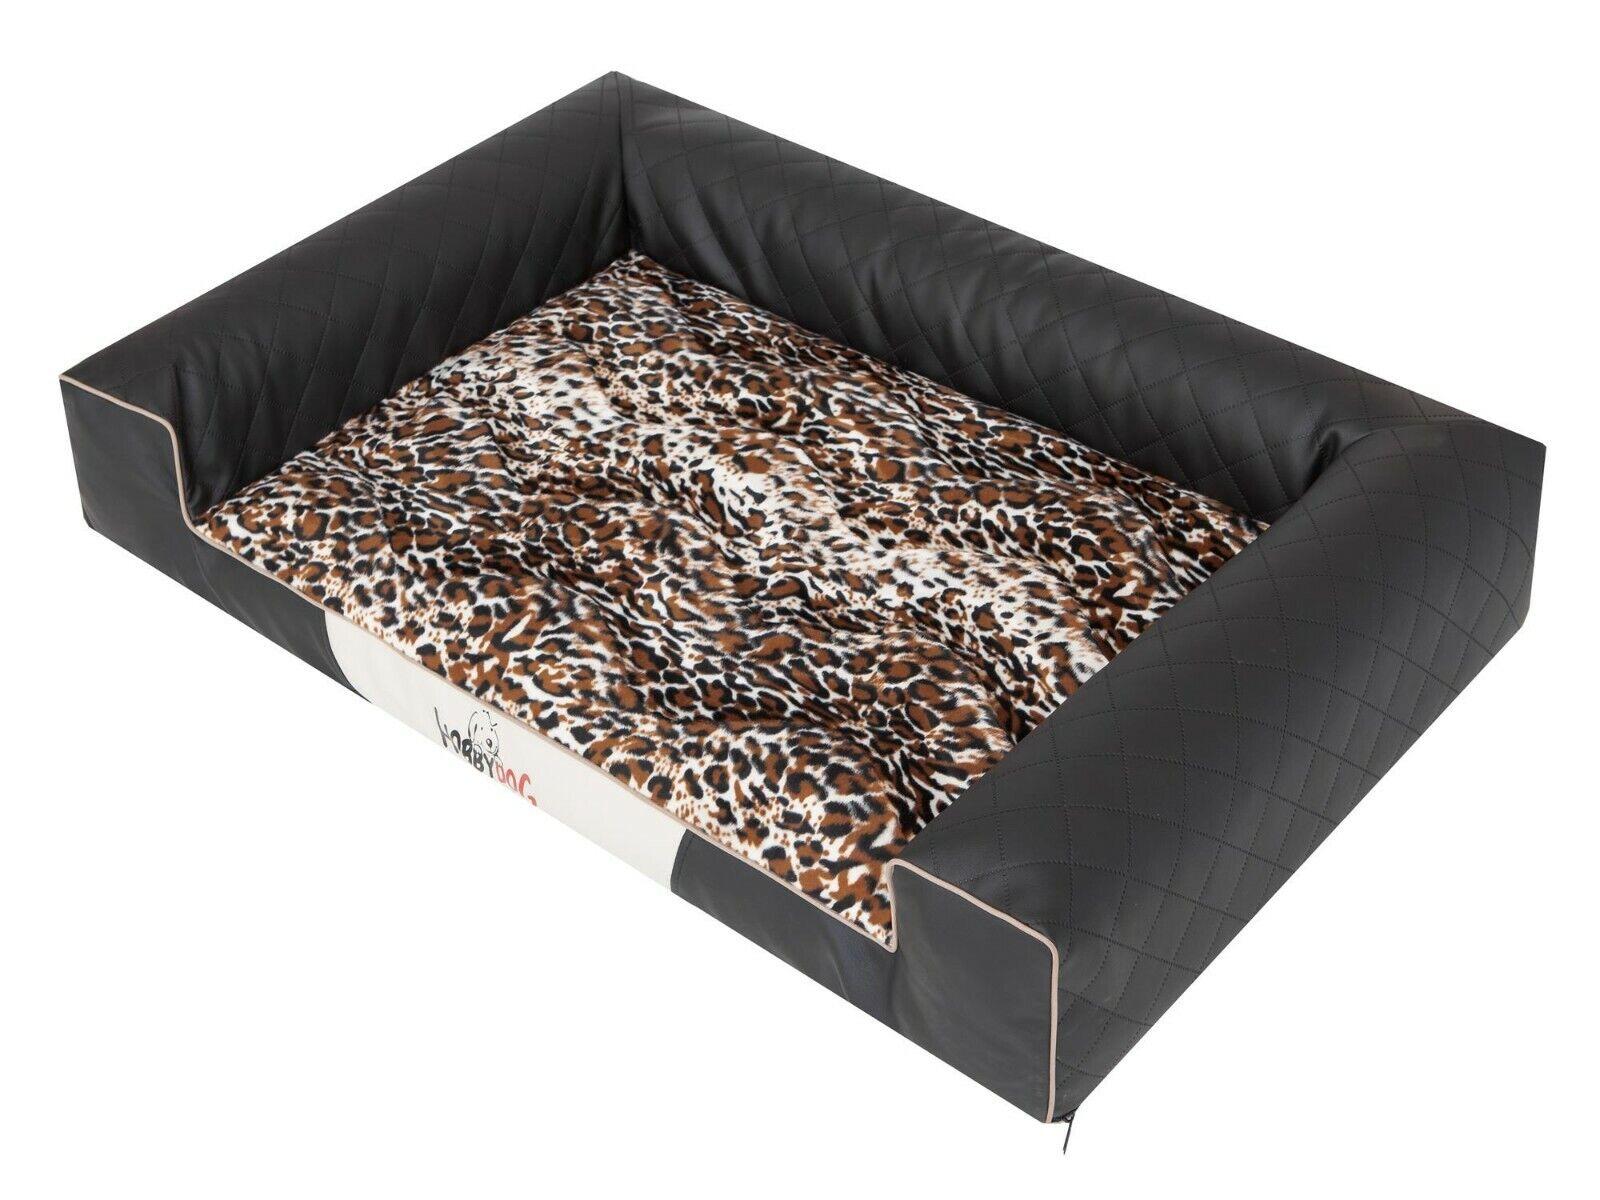 Letto per cani Victoria Lux dormire dormire dormire cani spazio spazio PATTERN NERO XXL 118x78cm 22dc28